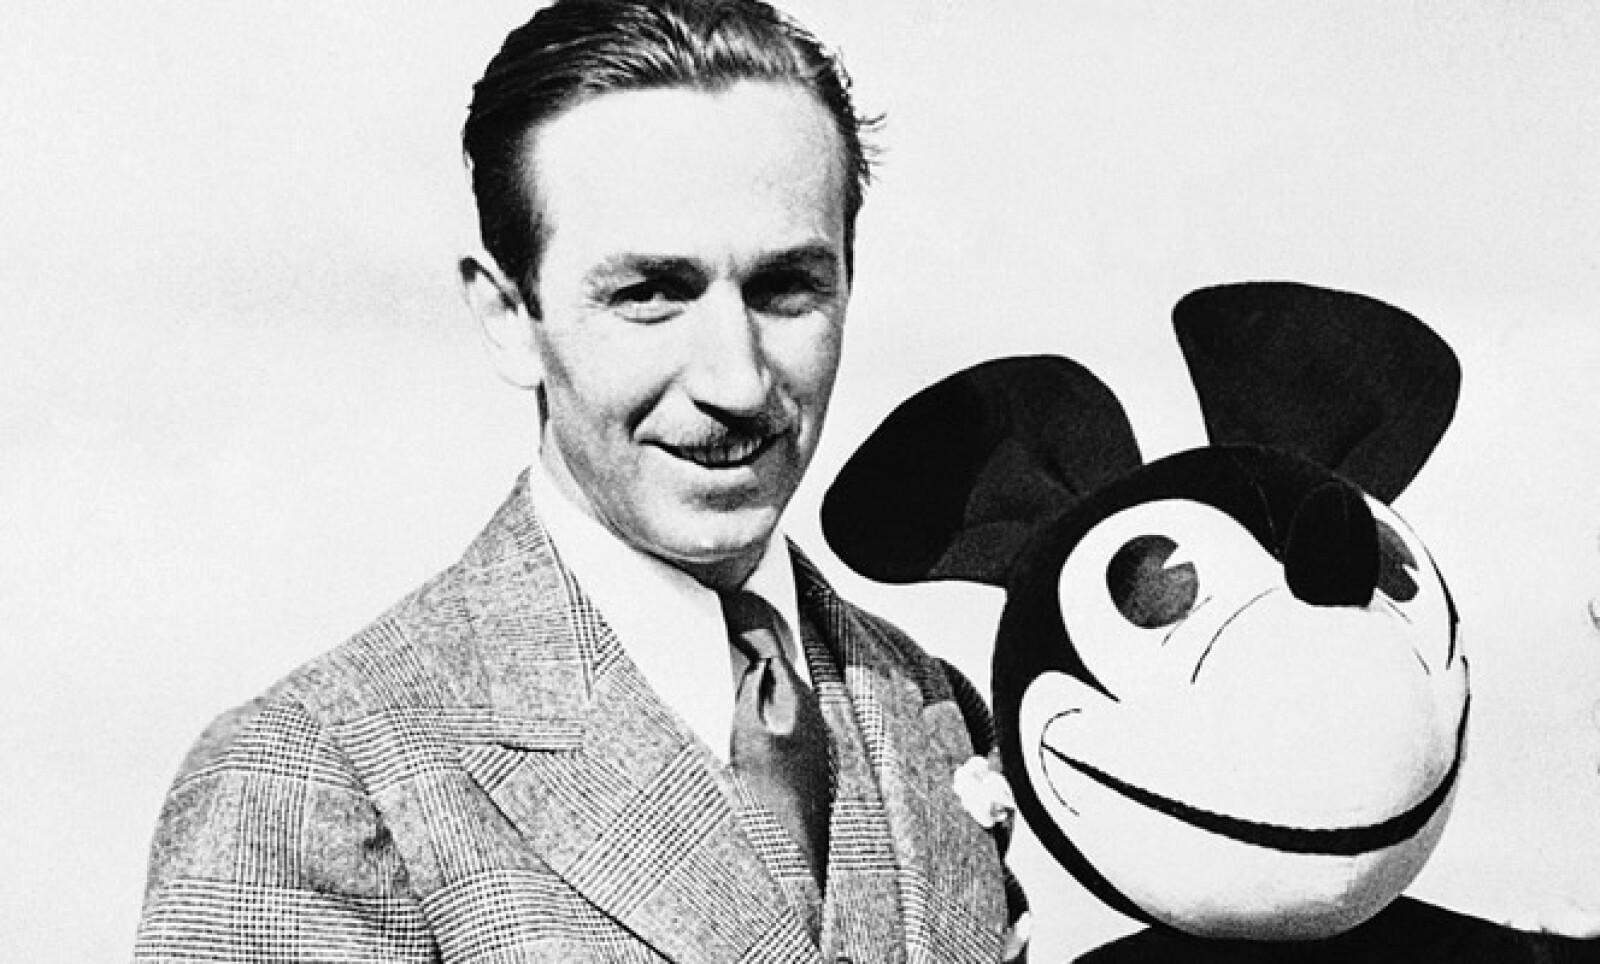 Hace una semana, el 5 de diciembre, se celebró el aniversario 110 del nacimiento de Walt Disney en Chicago, Illinois.